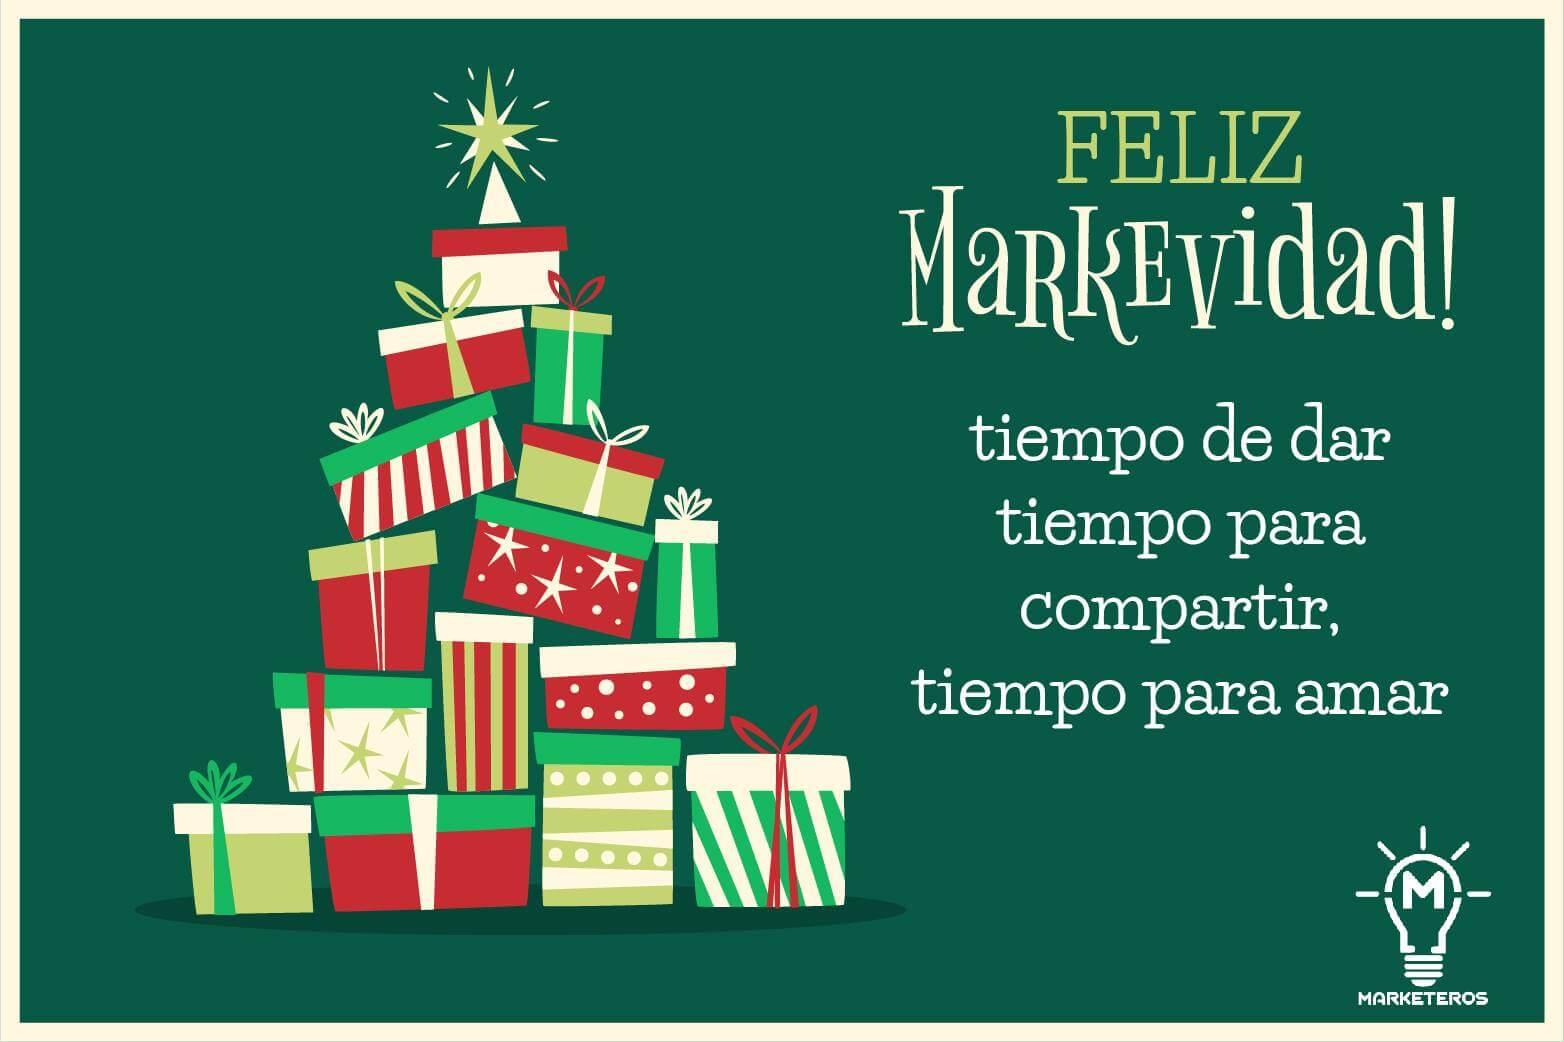 Felicitación de Navidad para marketeros: Markevidad